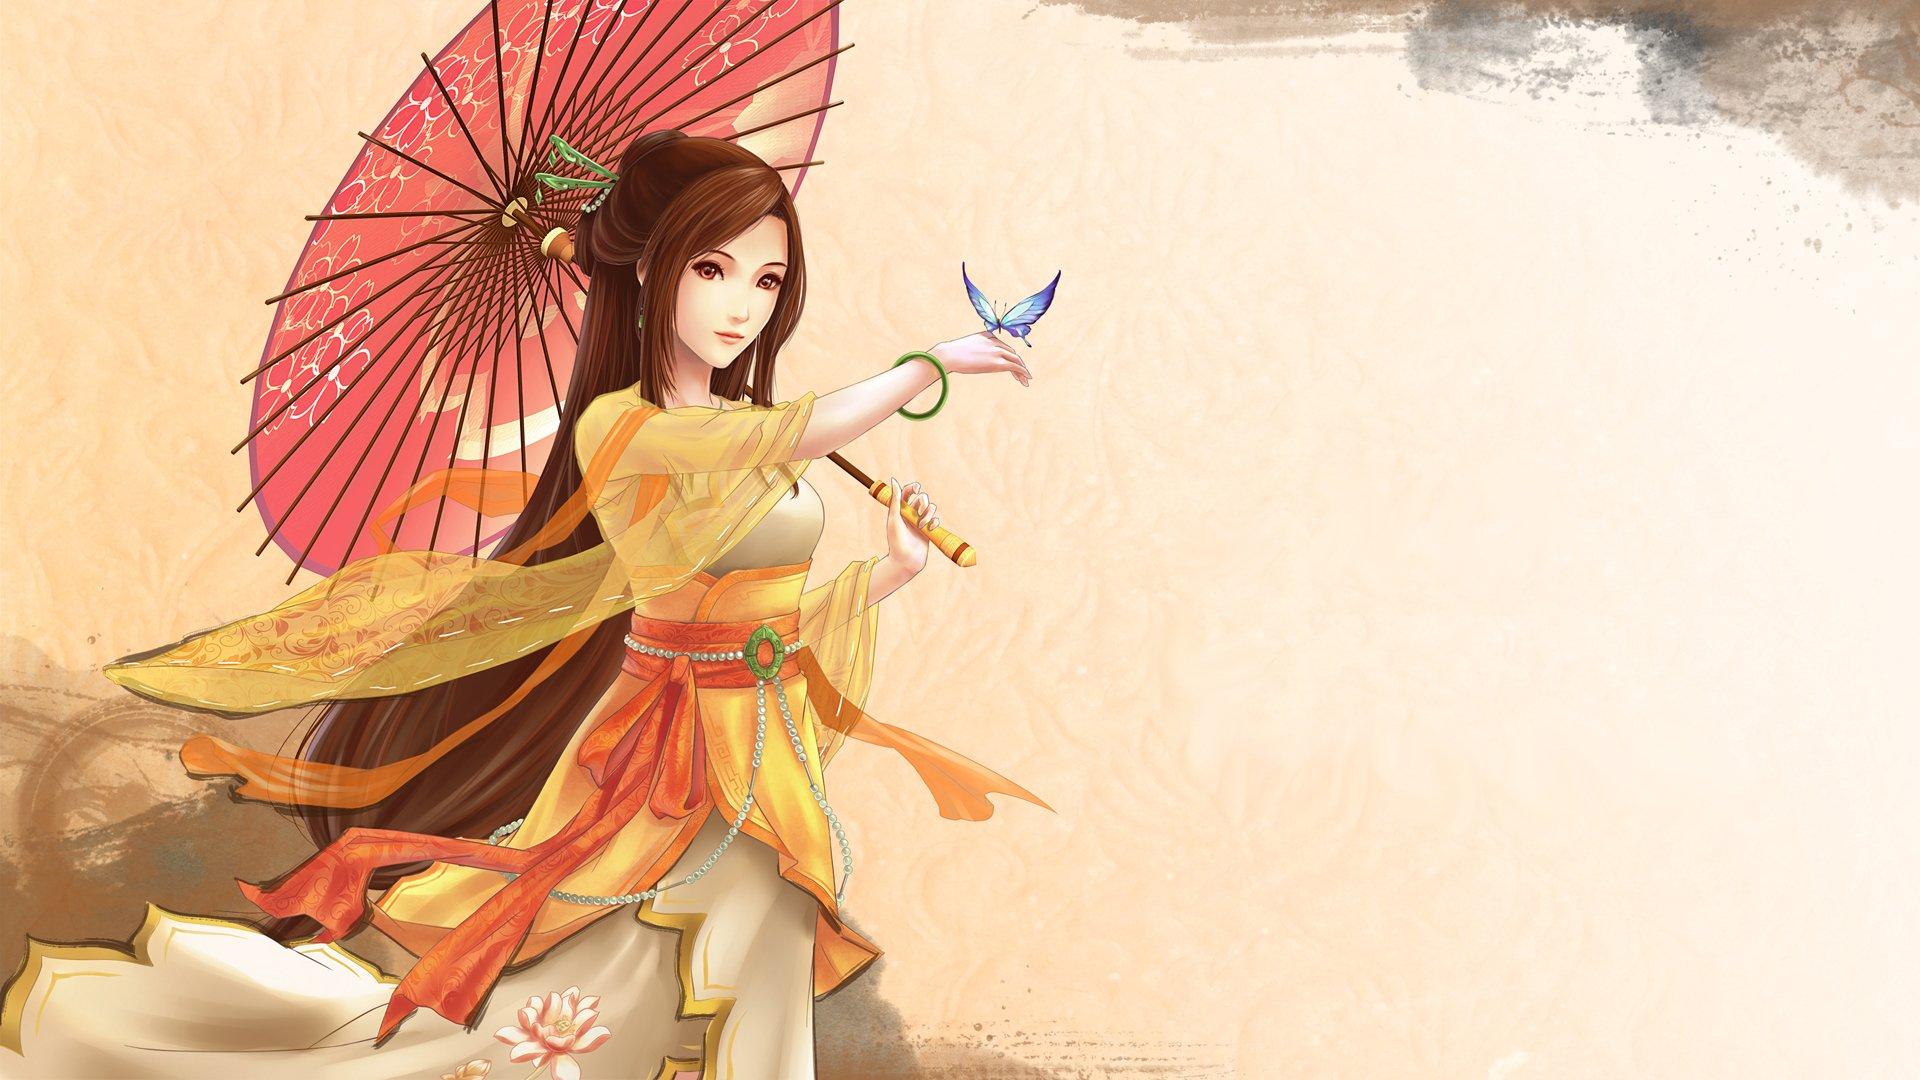 Anime Girl Brown Hair Wallpaper